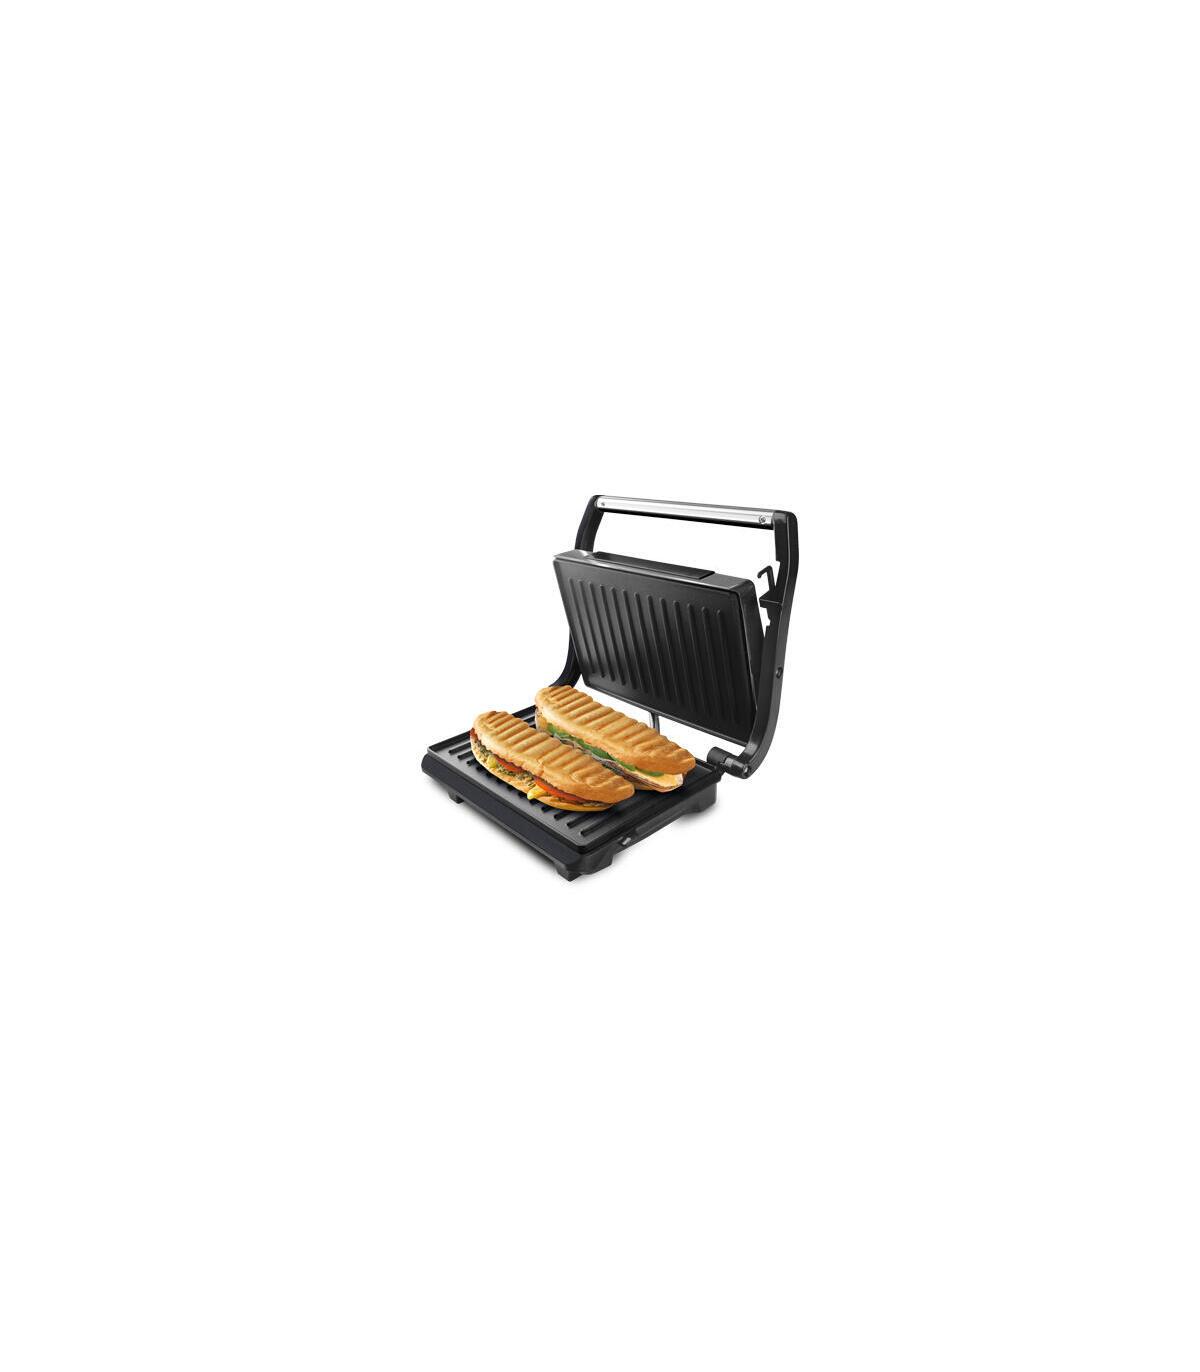 Detalles De Sandwichera Taurus Toast Co 700w